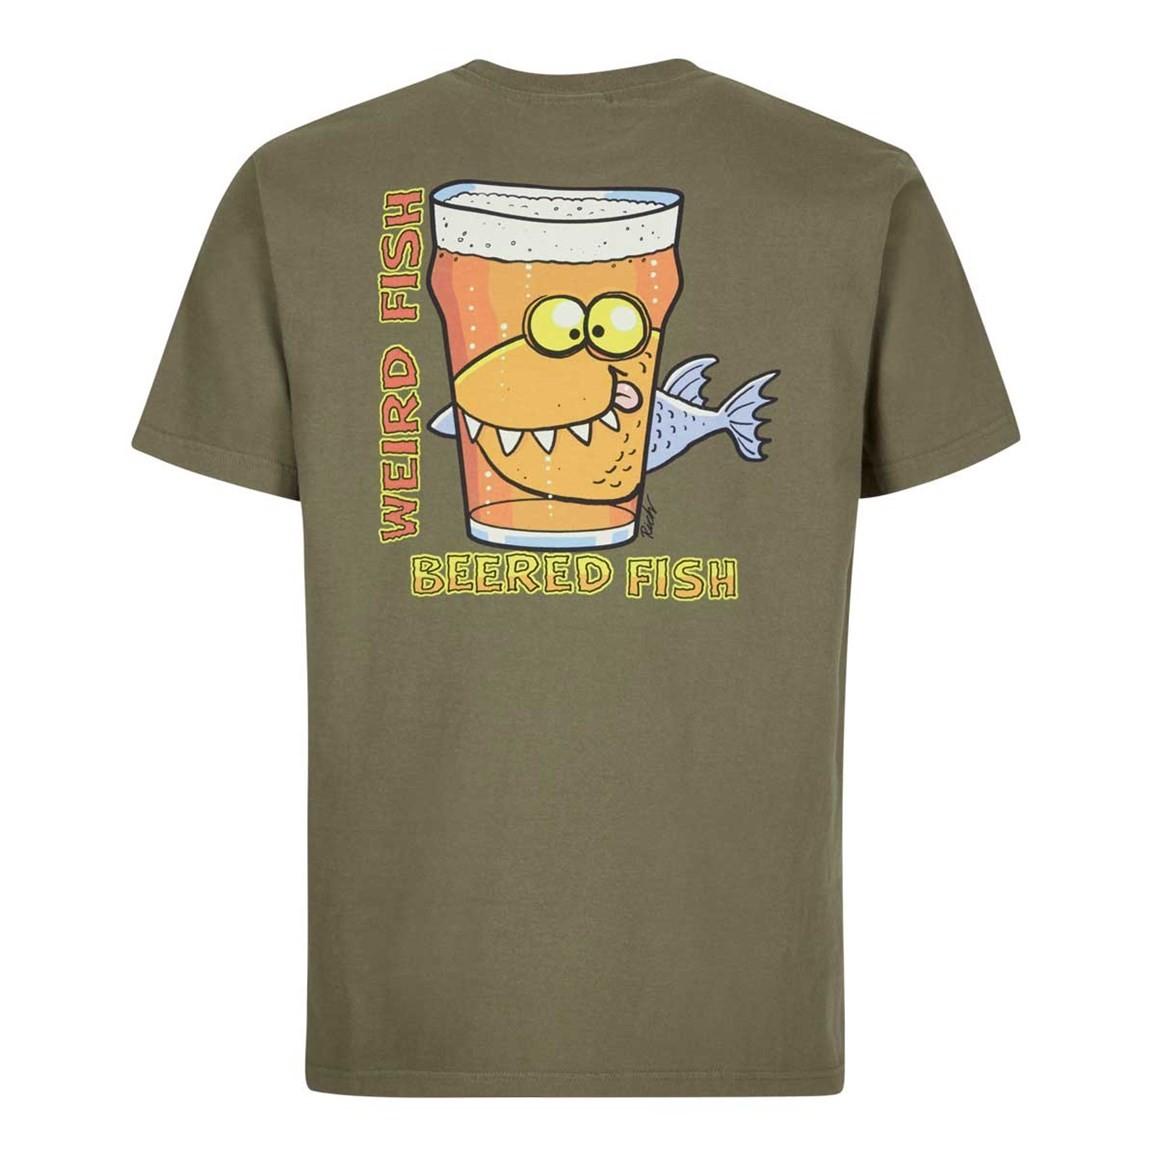 Weird Fish Beered Fish Artist T-Shirt Bark Size 2XL